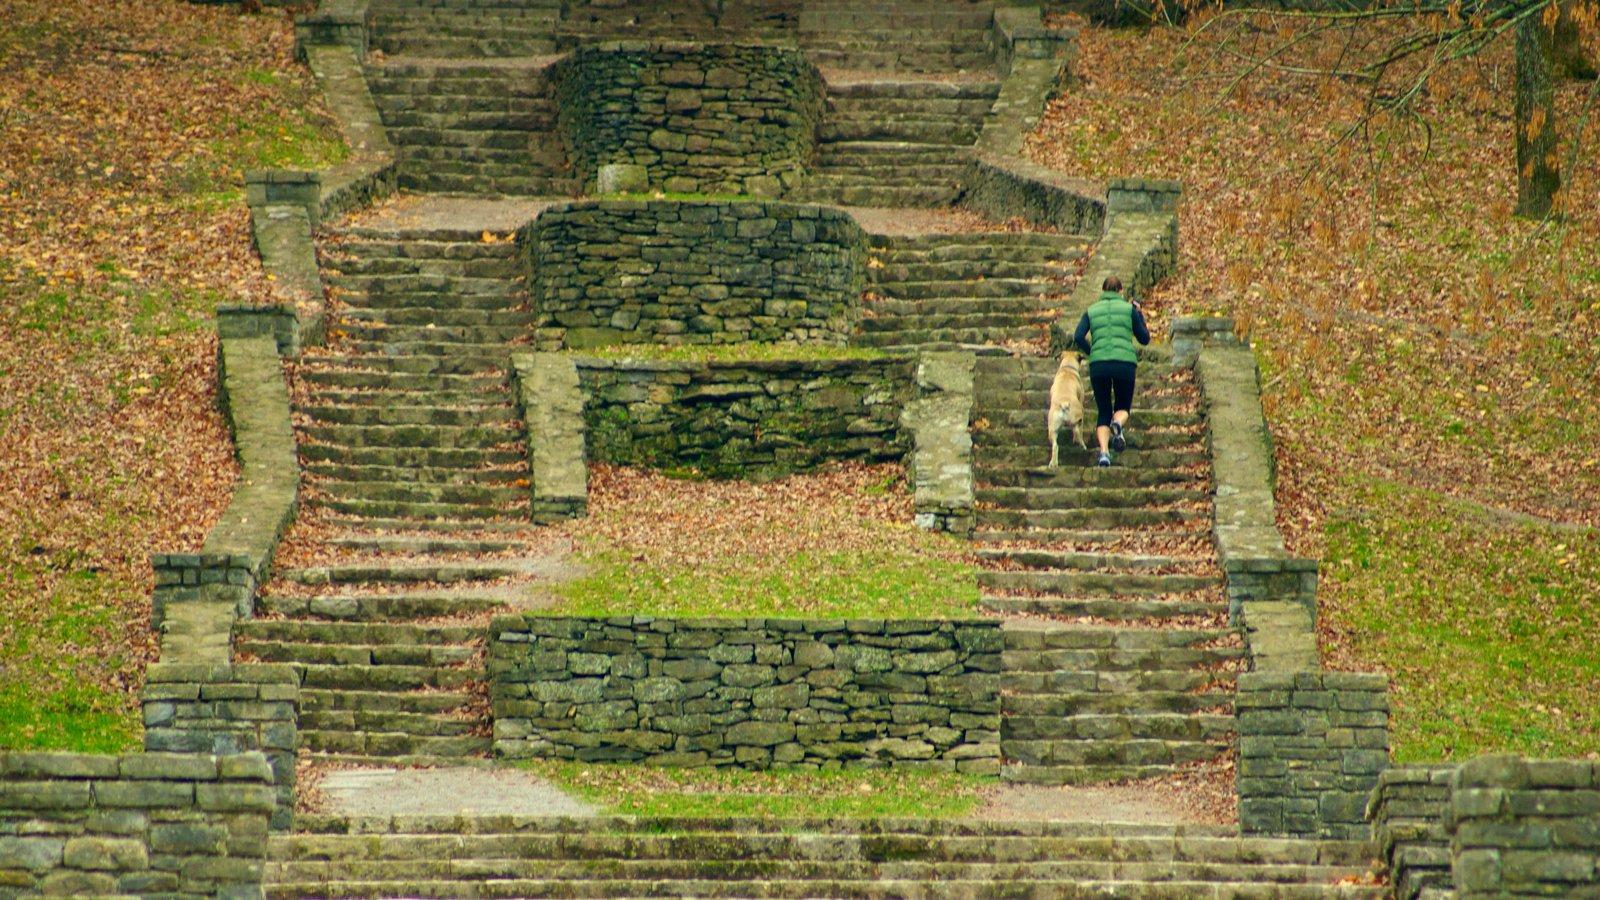 Edwin and Percy Warner Parks ofreciendo un parque y senderismo o caminata